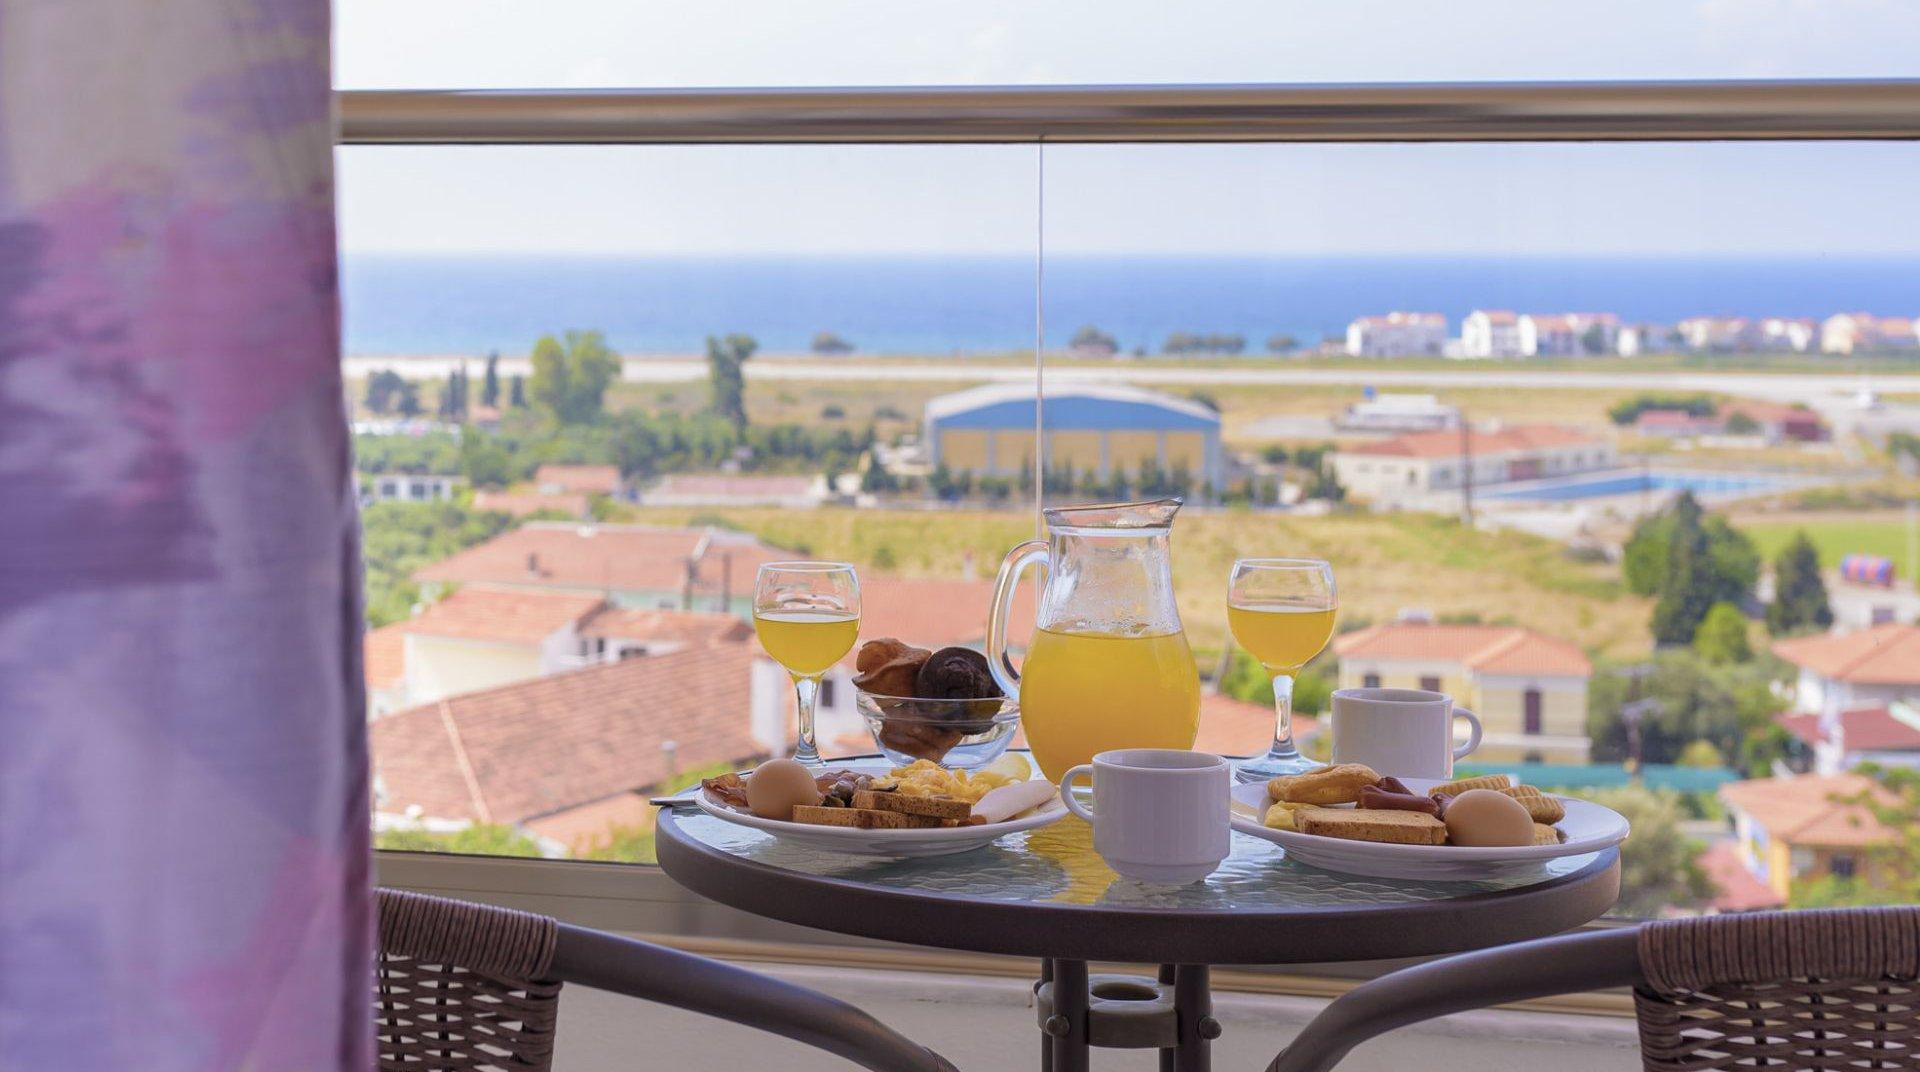 Τραπέζι στο μπαλκόνι του δωματίου μας με πιάτα γεμάτα με το πεντανόστιμο πρωινό μας και χυμό, με φόντο την θάλασσα